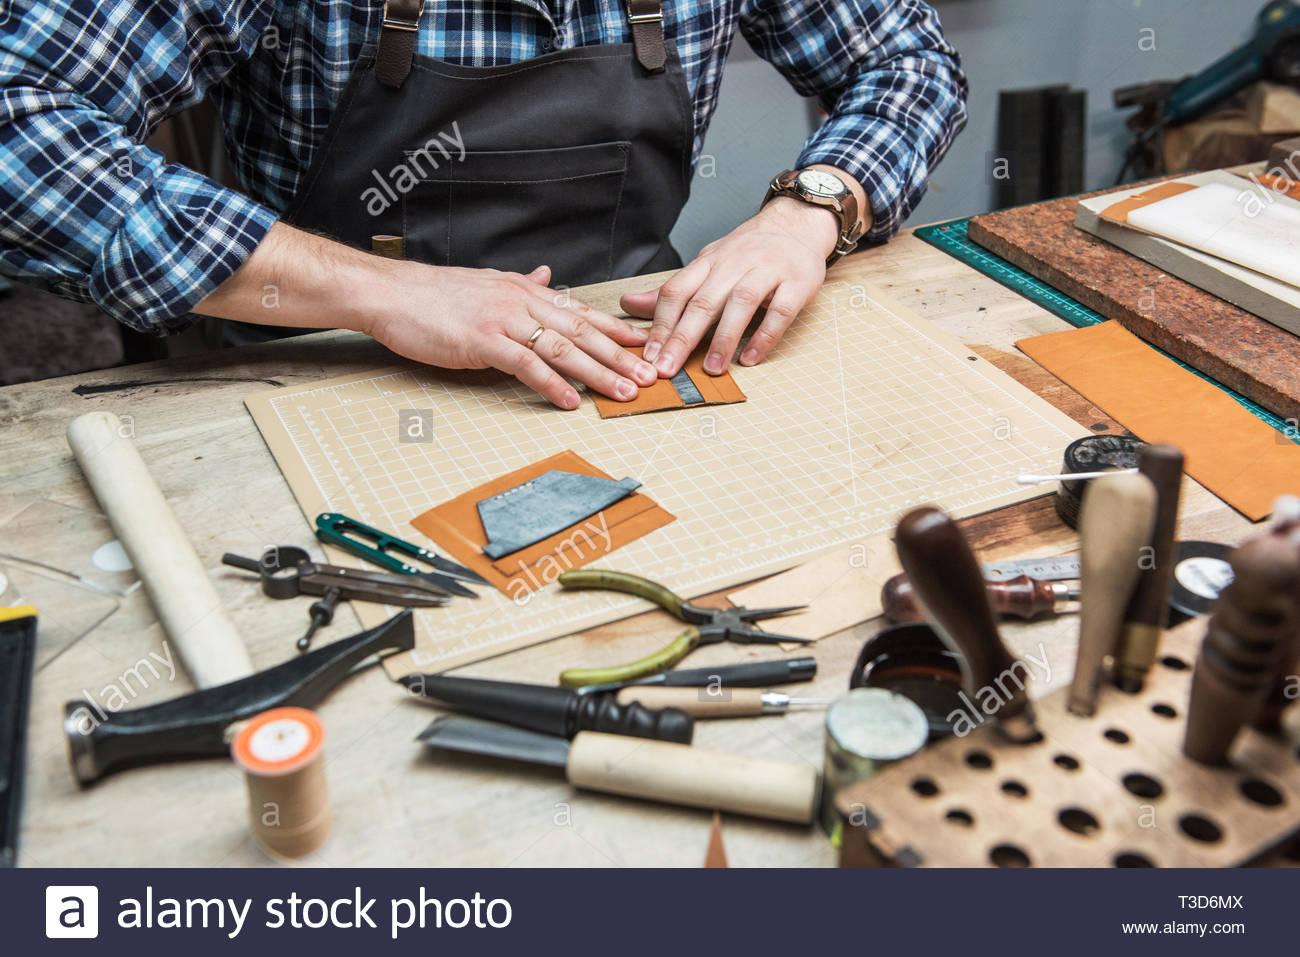 Concept de la production artisanale à la main des articles en cuir ...